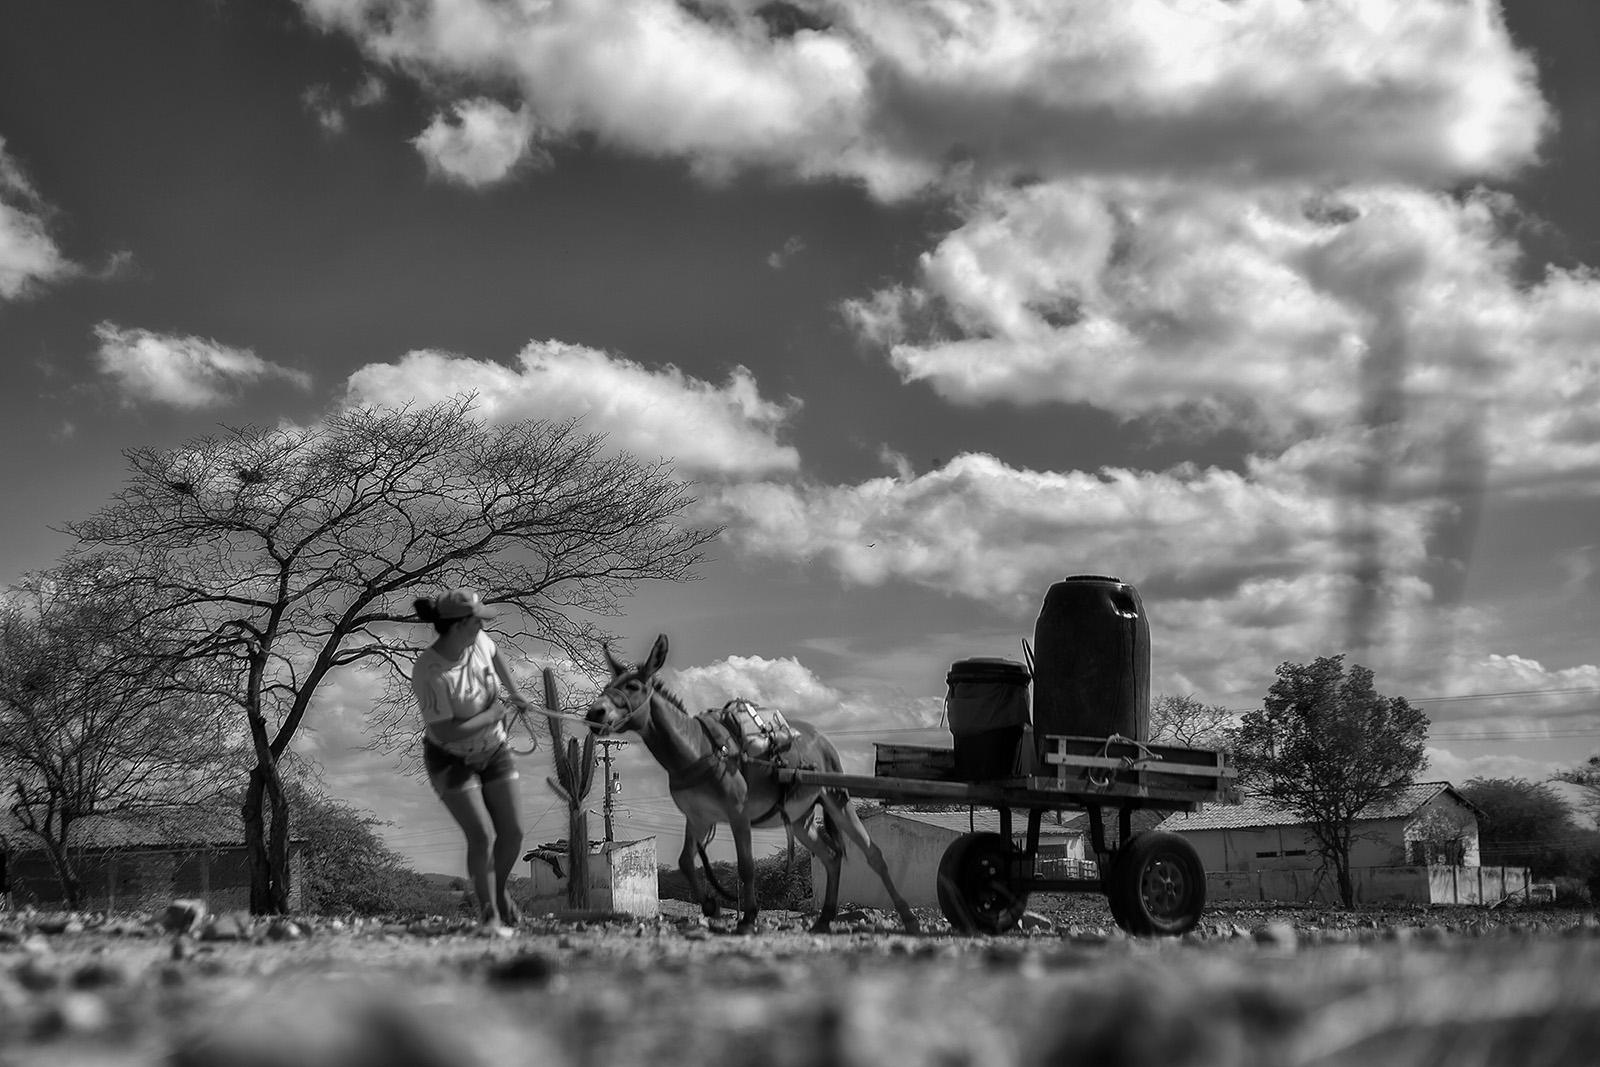 Ensaio sobre Ceará vence concurso de fotografia nacional